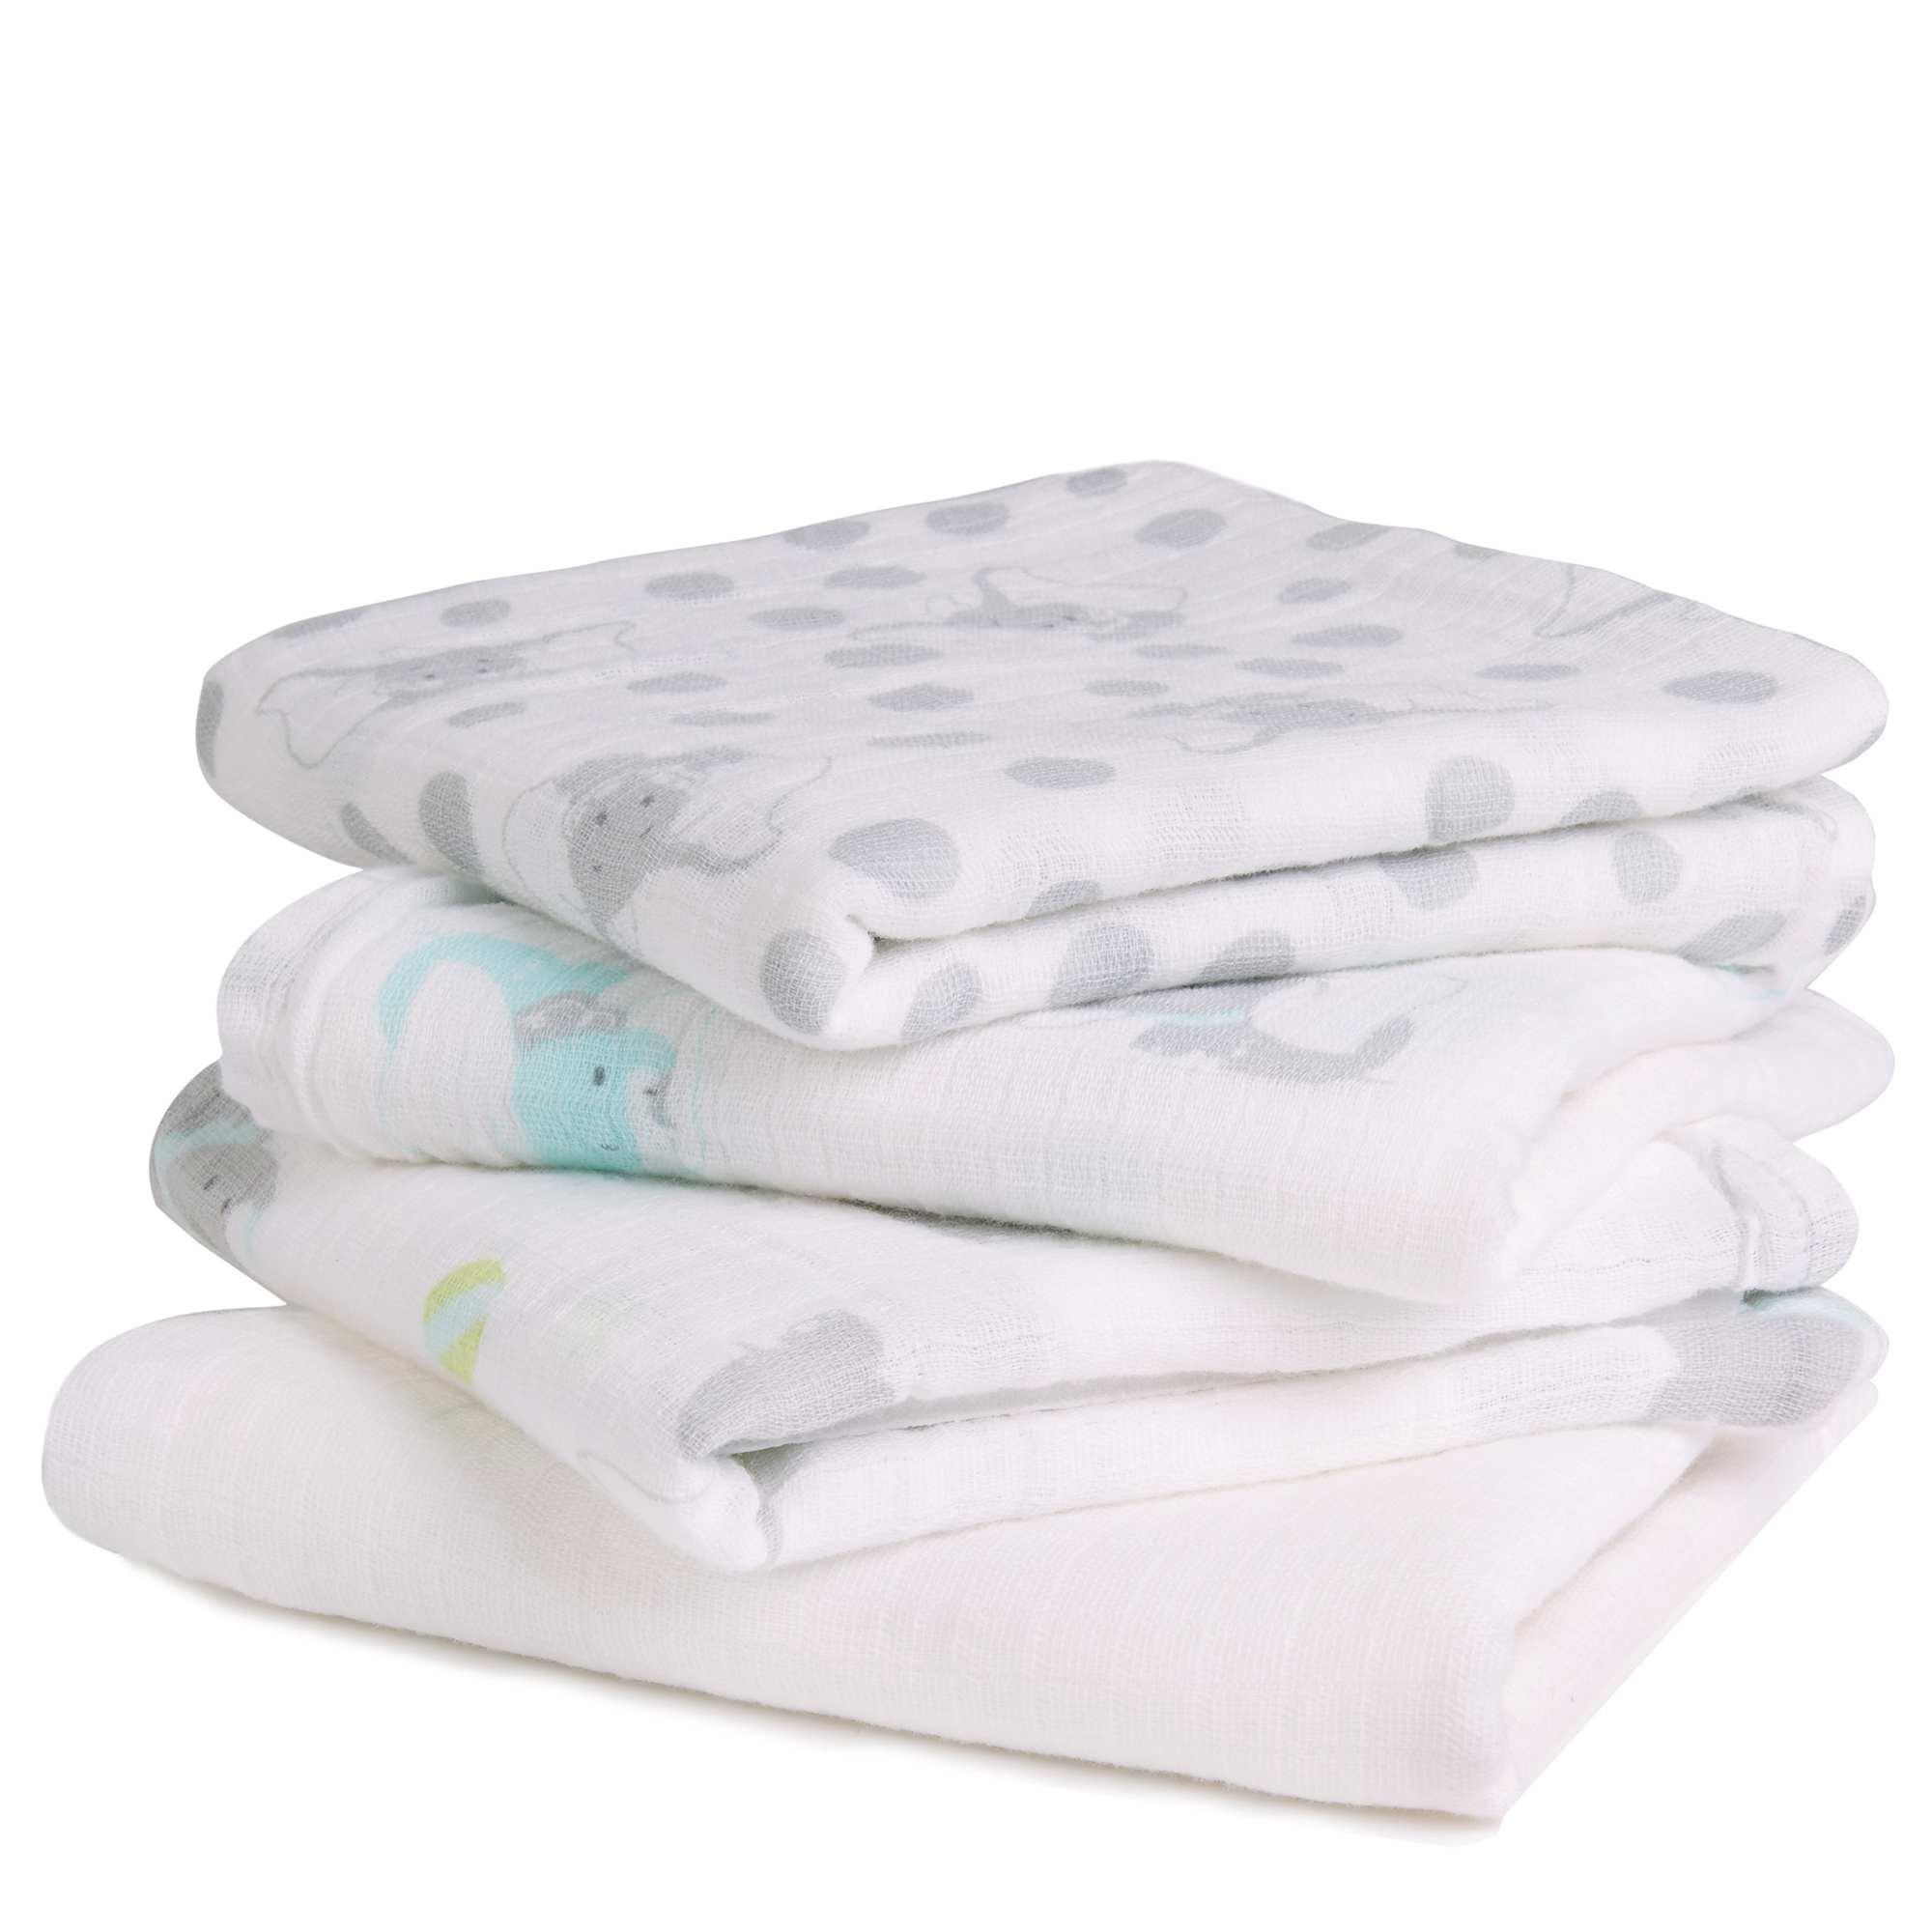 Couleur : gris, MINNIE, ,, - Taille : TU, , ,,Utilisés à l'origine comme couche lavable, les langes en mousseline de coton 'Ideal